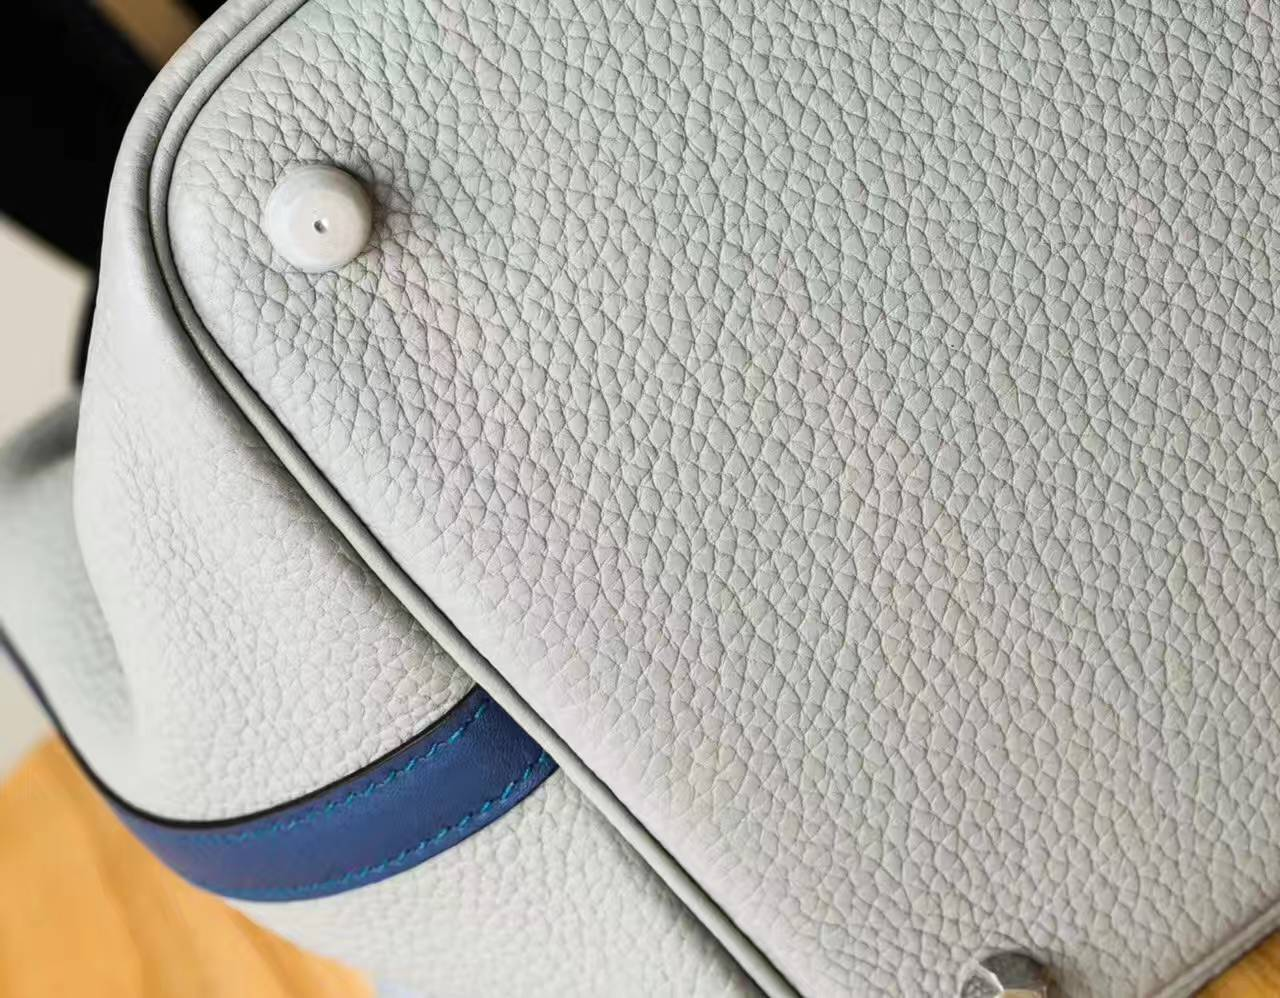 爱马仕水桶包 Hermes 冰川灰拼玛瑙蓝原厂TC牛皮Picotin 22cm